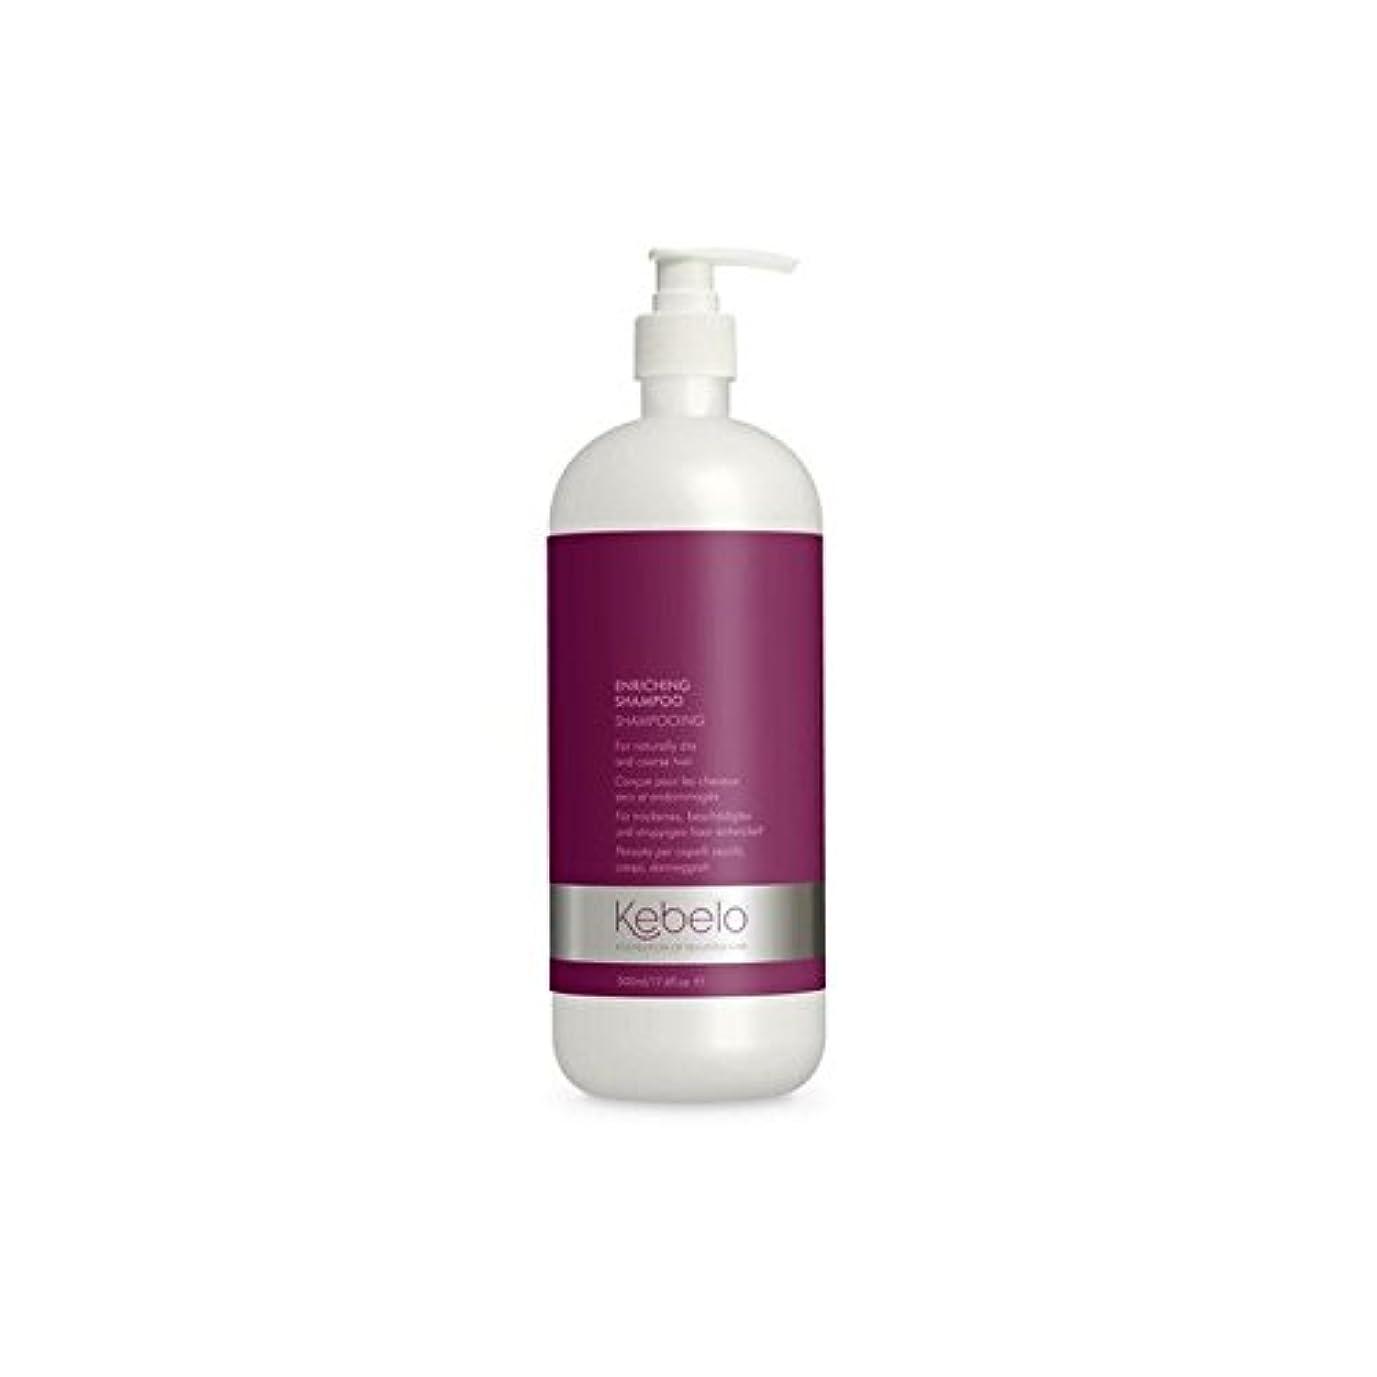 バターずるいブリリアントシャンプー500ミリリットルを豊かに x4 - Kebelo Enriching Shampoo 500ml (Pack of 4) [並行輸入品]